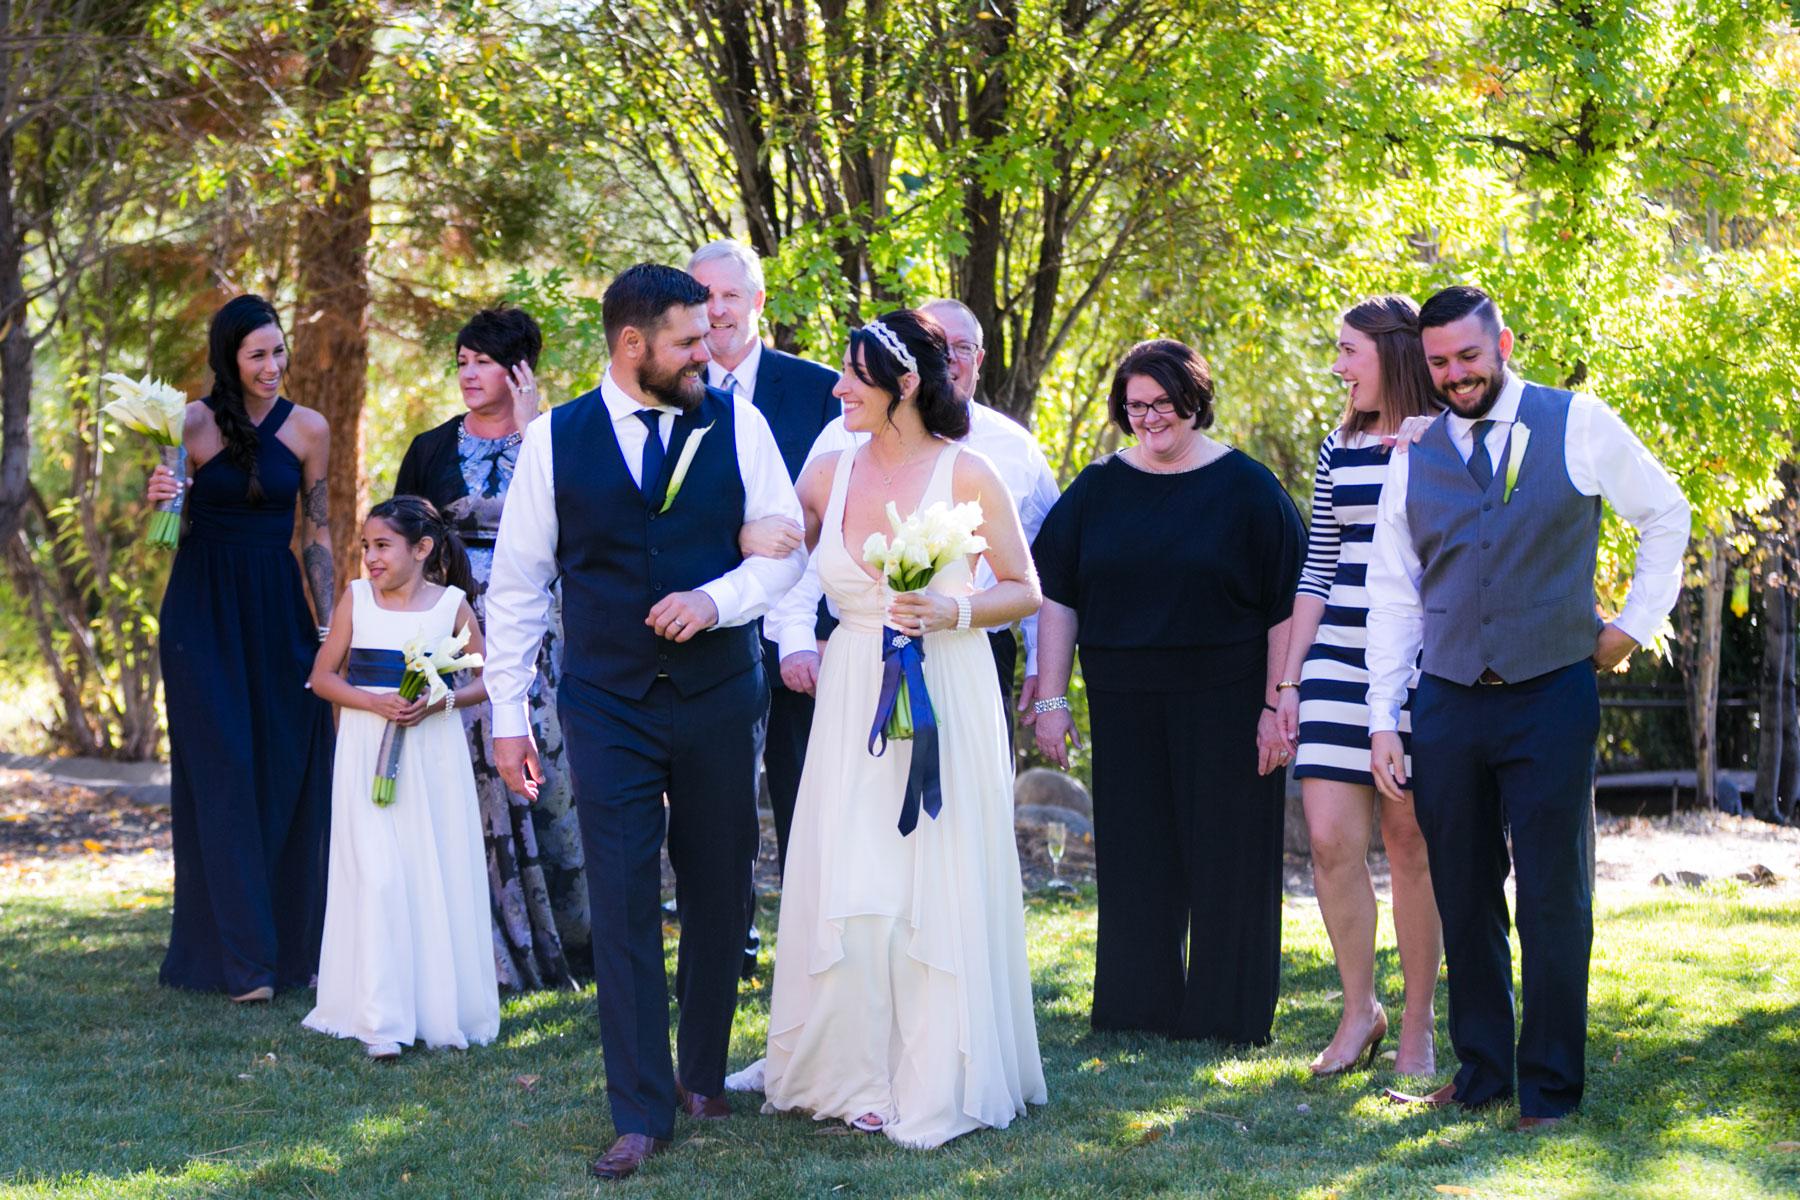 hyatt-lake-tahoe-wedding-tahoe-18-wedding